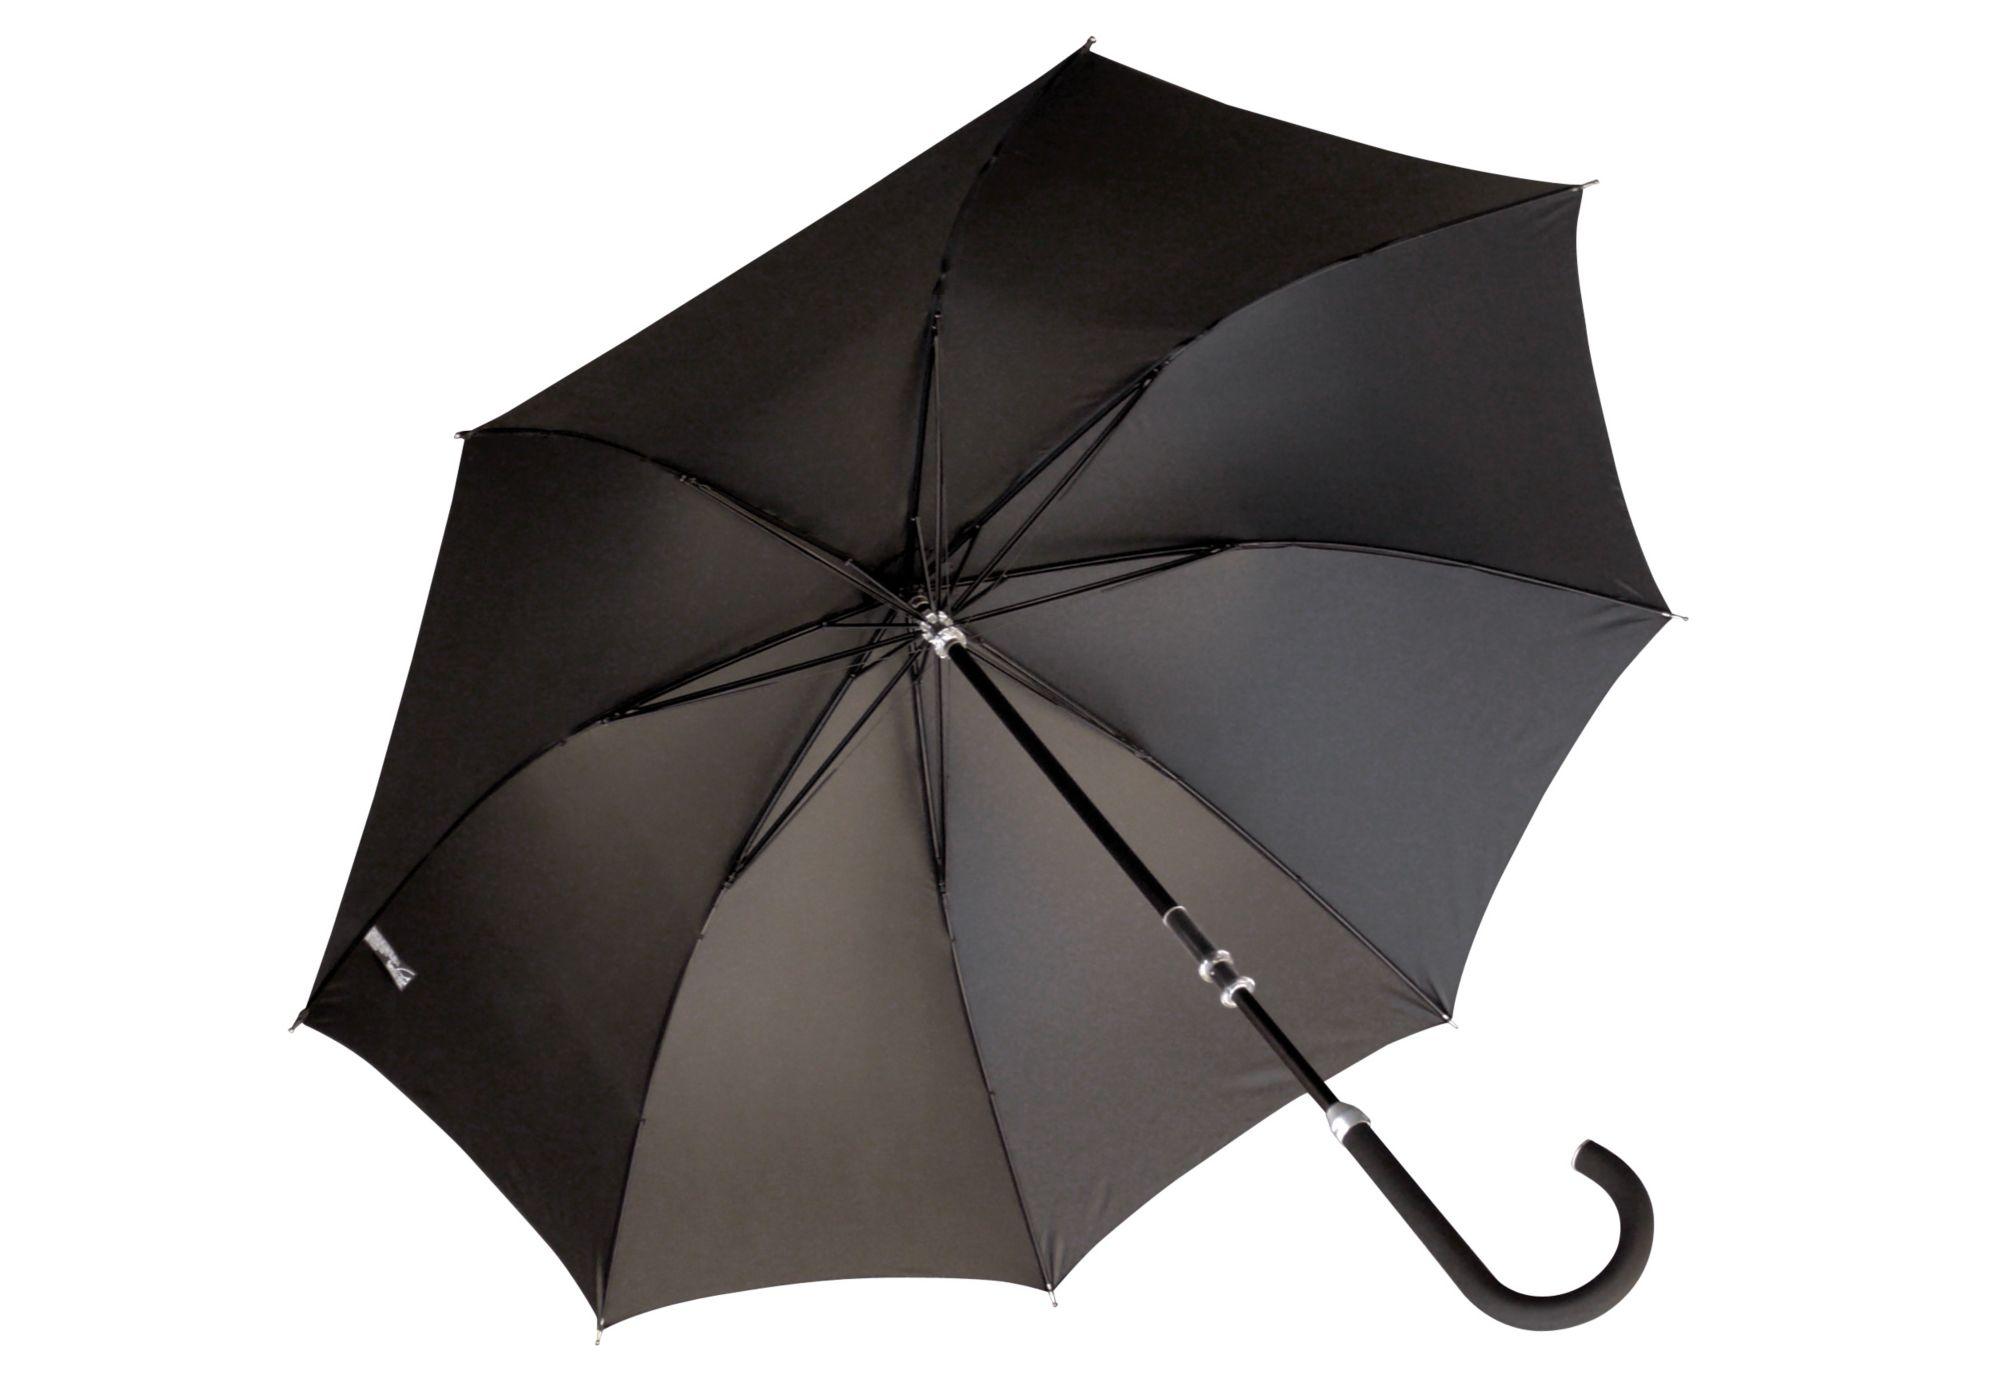 EUROSCHIRM® Euroschirm® Regenschirm für Herren, »Herren-Stockschirm Kompliment®«